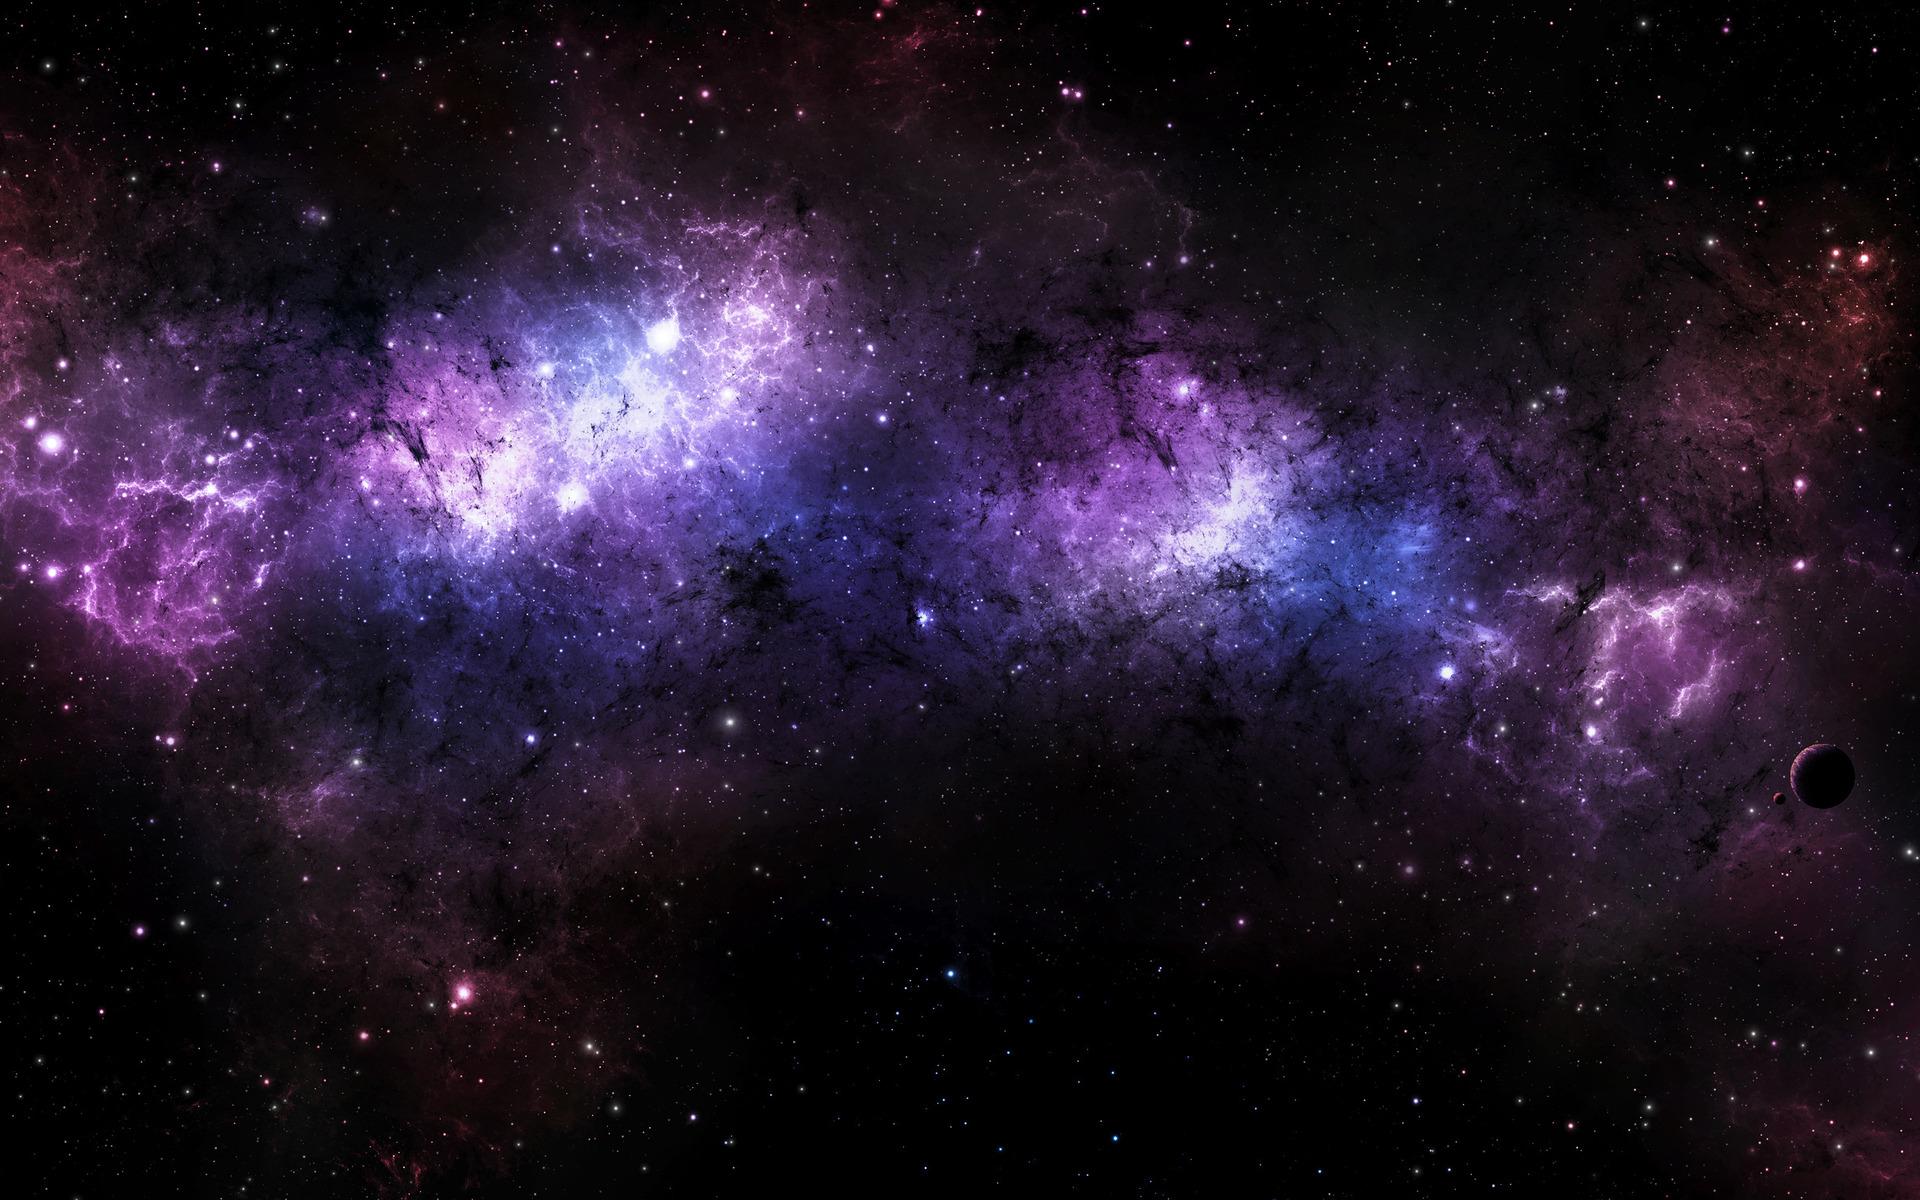 Download Wallpaper Horse Nebula - tumblr_static_61wq74e24u0wgwgwgw8sgwsk0  Best Photo Reference_42736.jpg